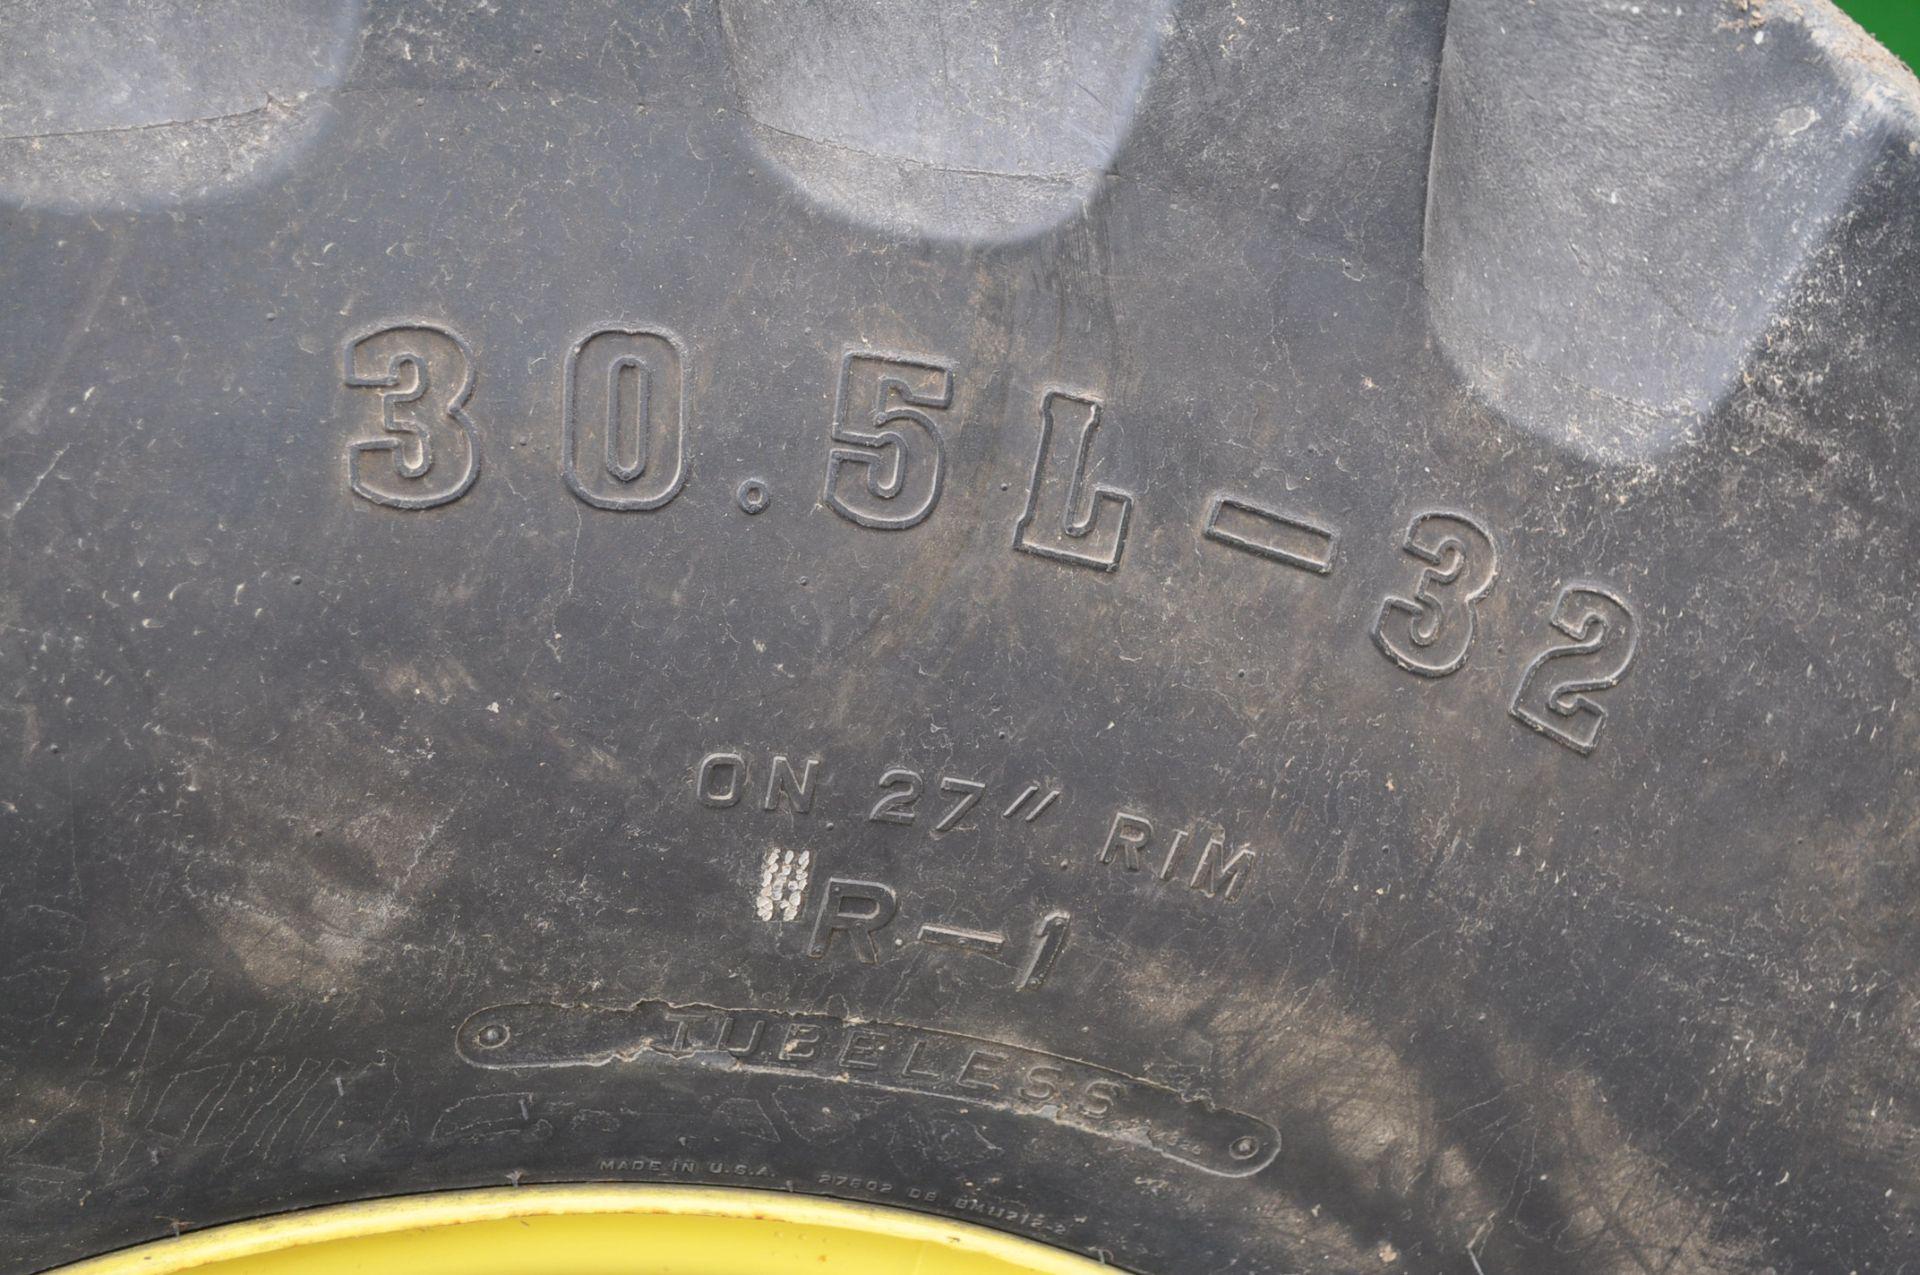 John Deere 9450 combine, 30.5-L32 drive, NEW 14.9-24 rear, chopper, chaff spreader, Mauer bin - Image 17 of 24